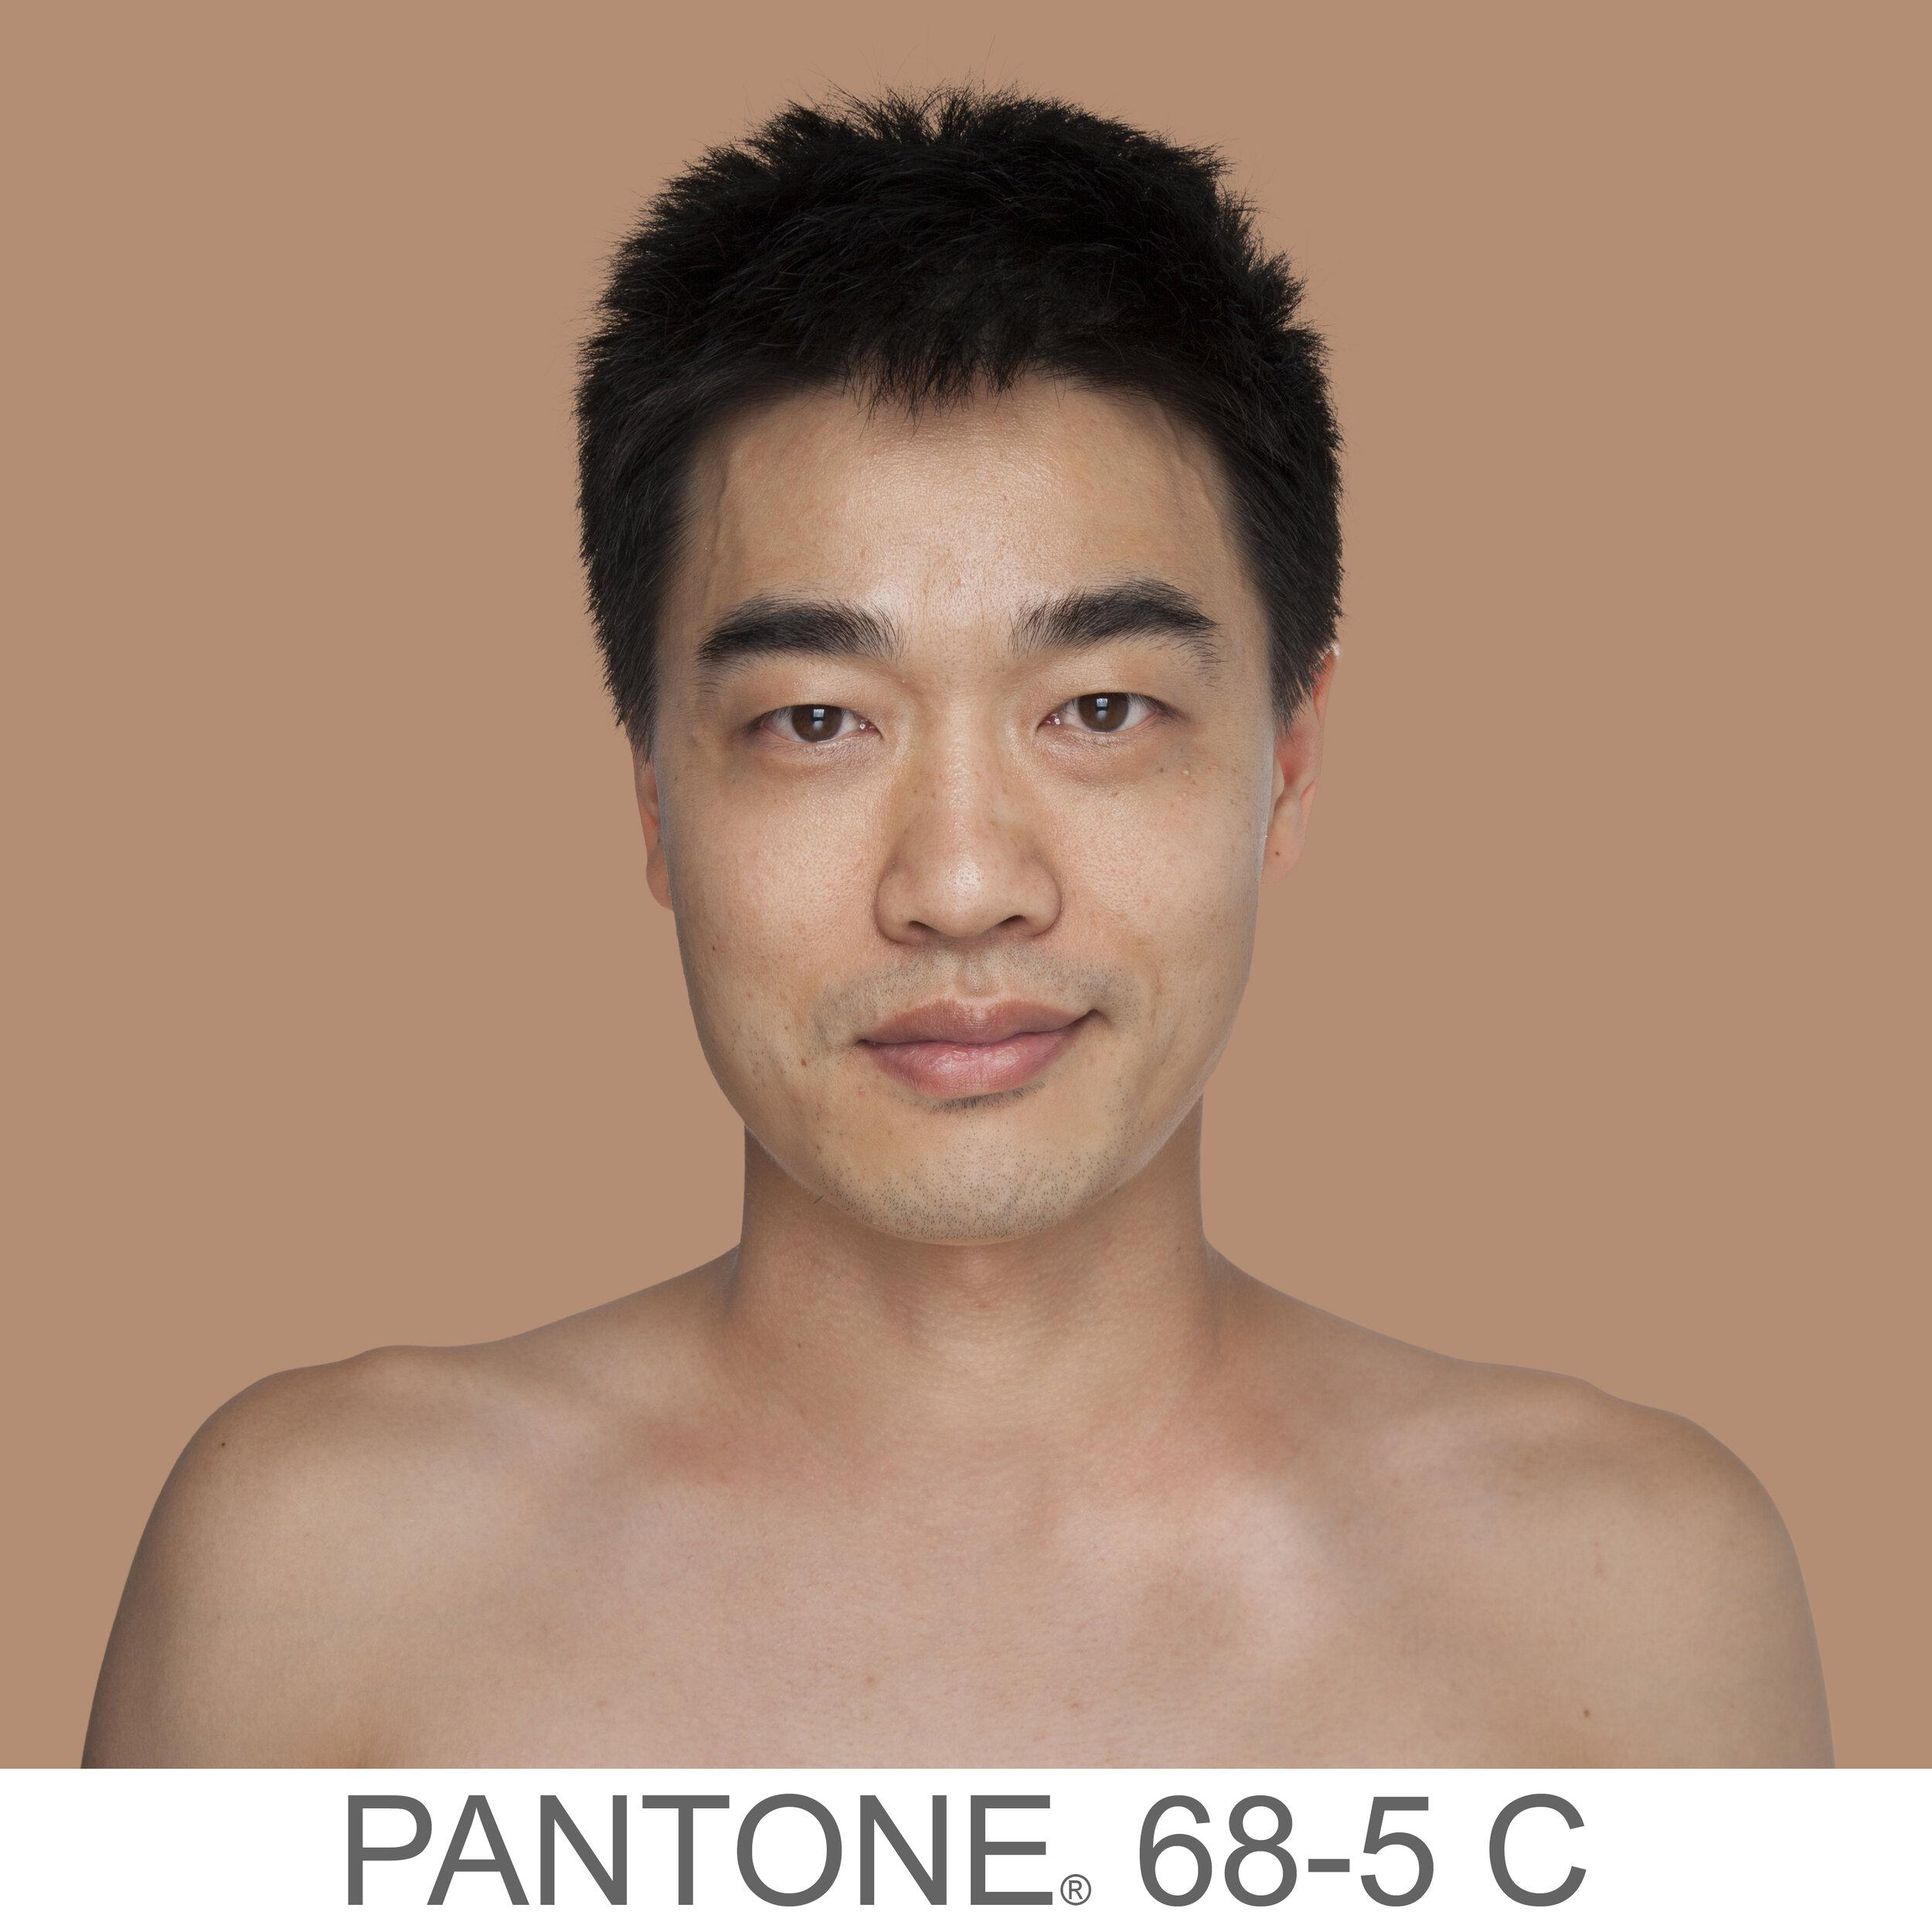 humanae 68-5 C CN copia.jpg